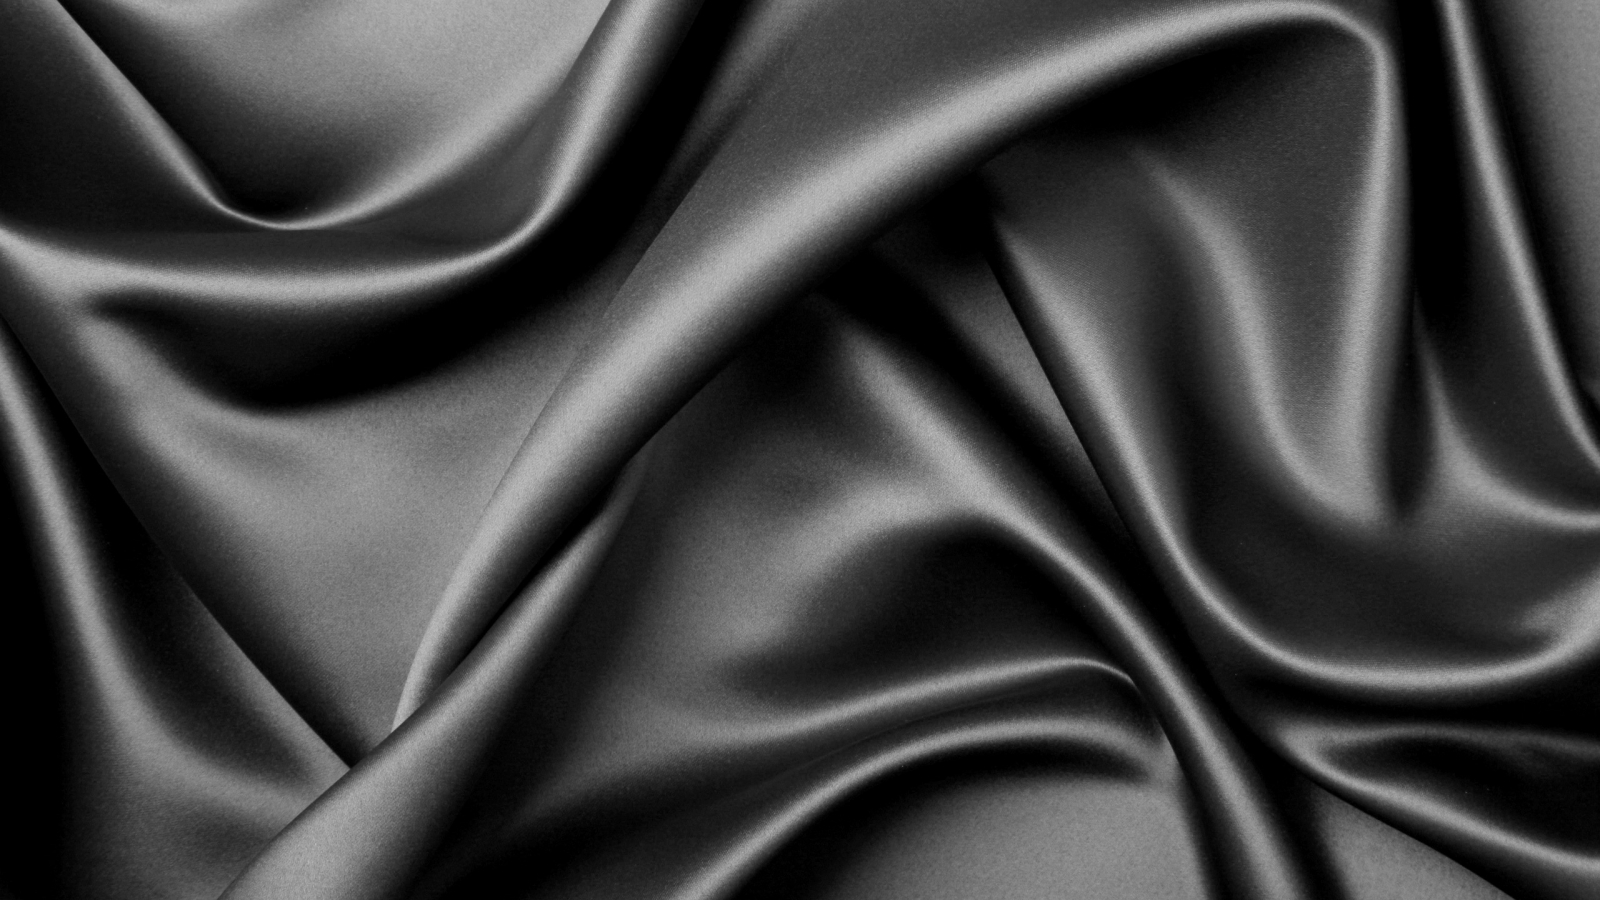 Textura de tela negra - 1600x900